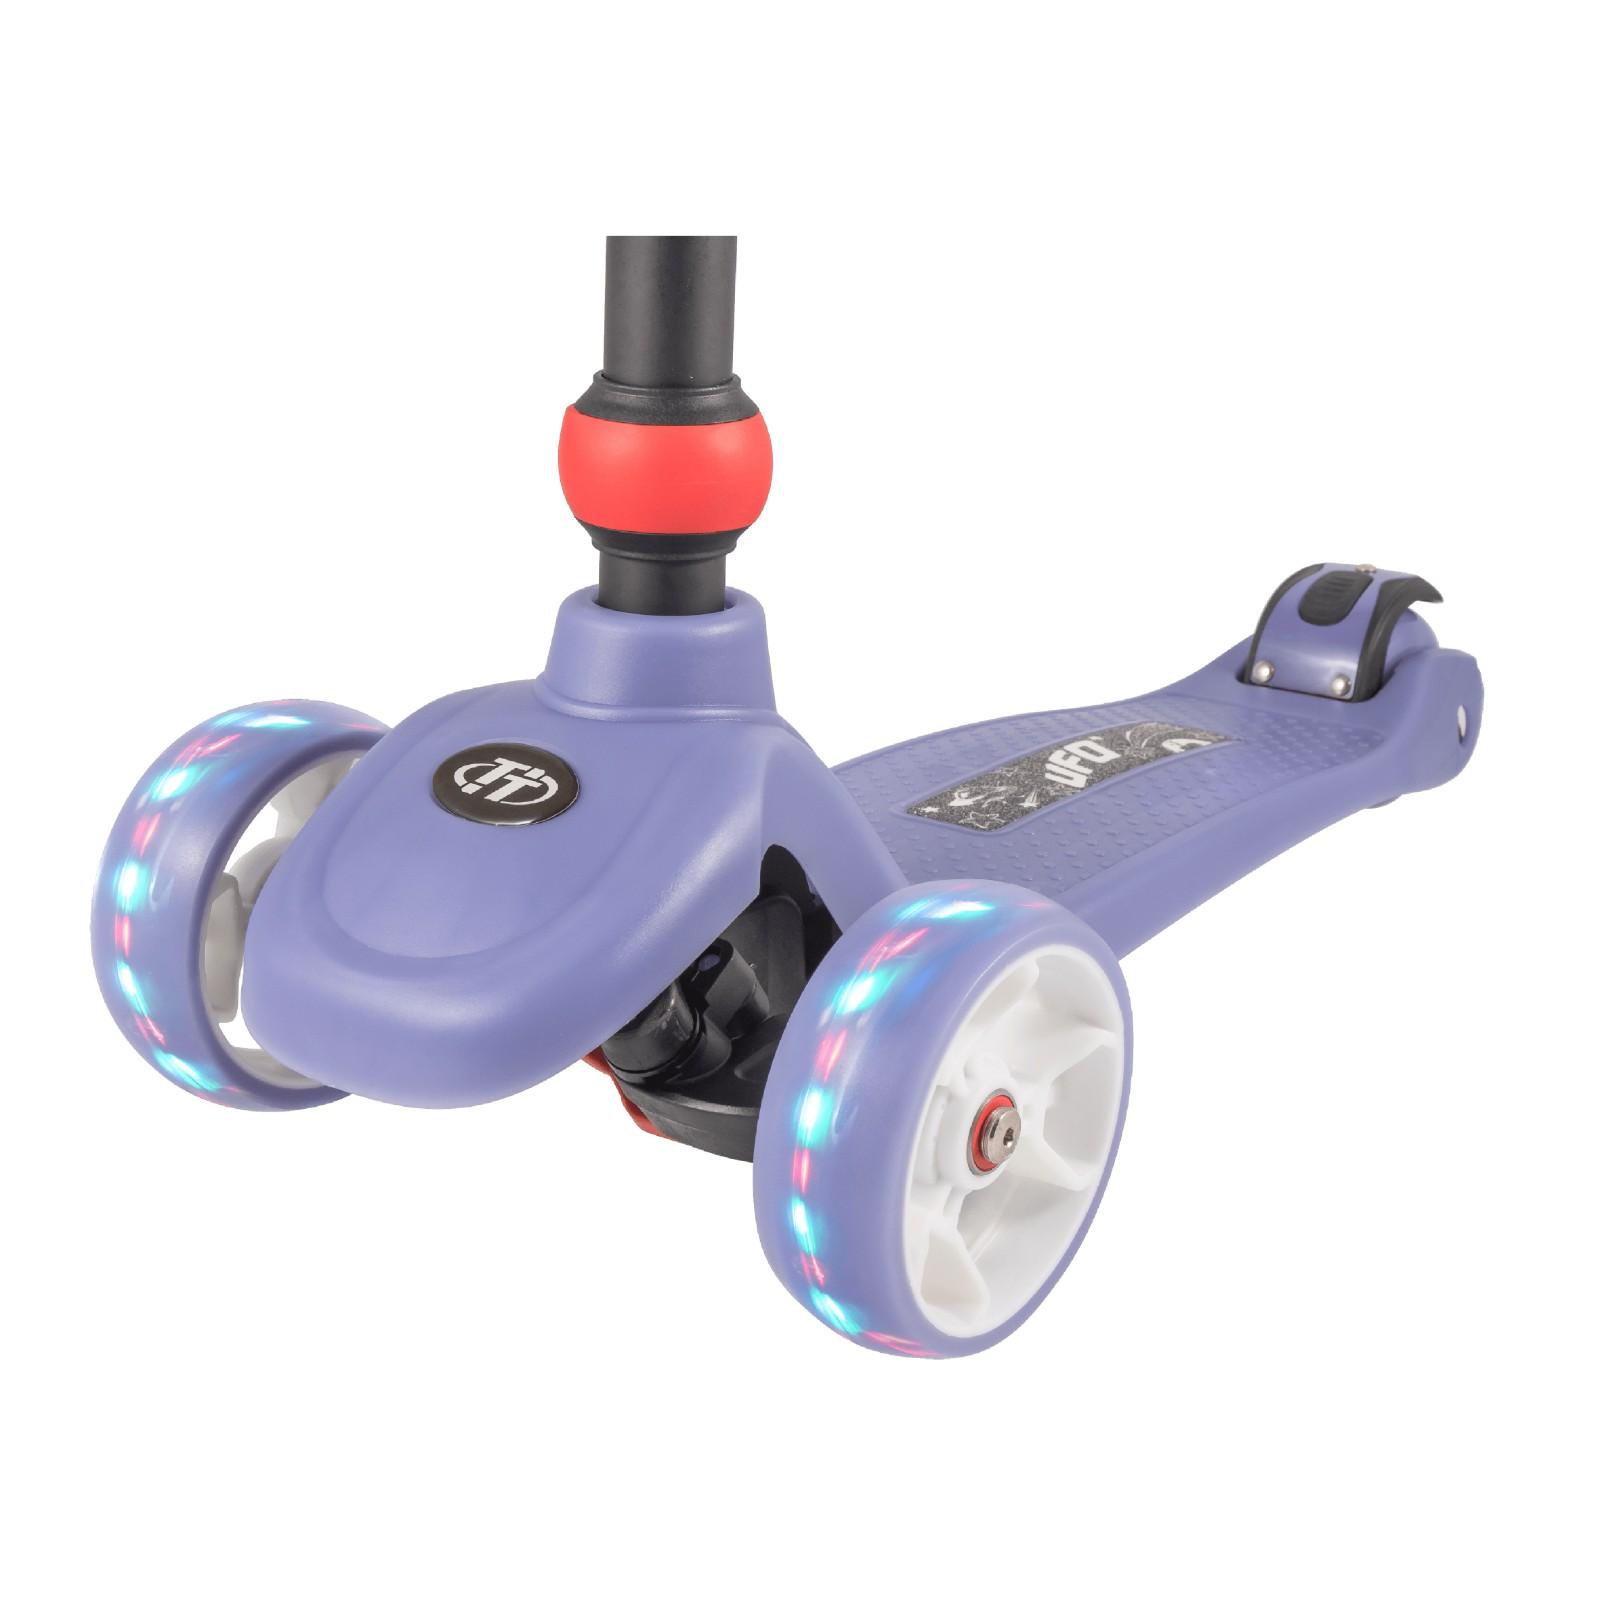 Детский Складной Трехколесный cамокат UFO 2020 / Голубой